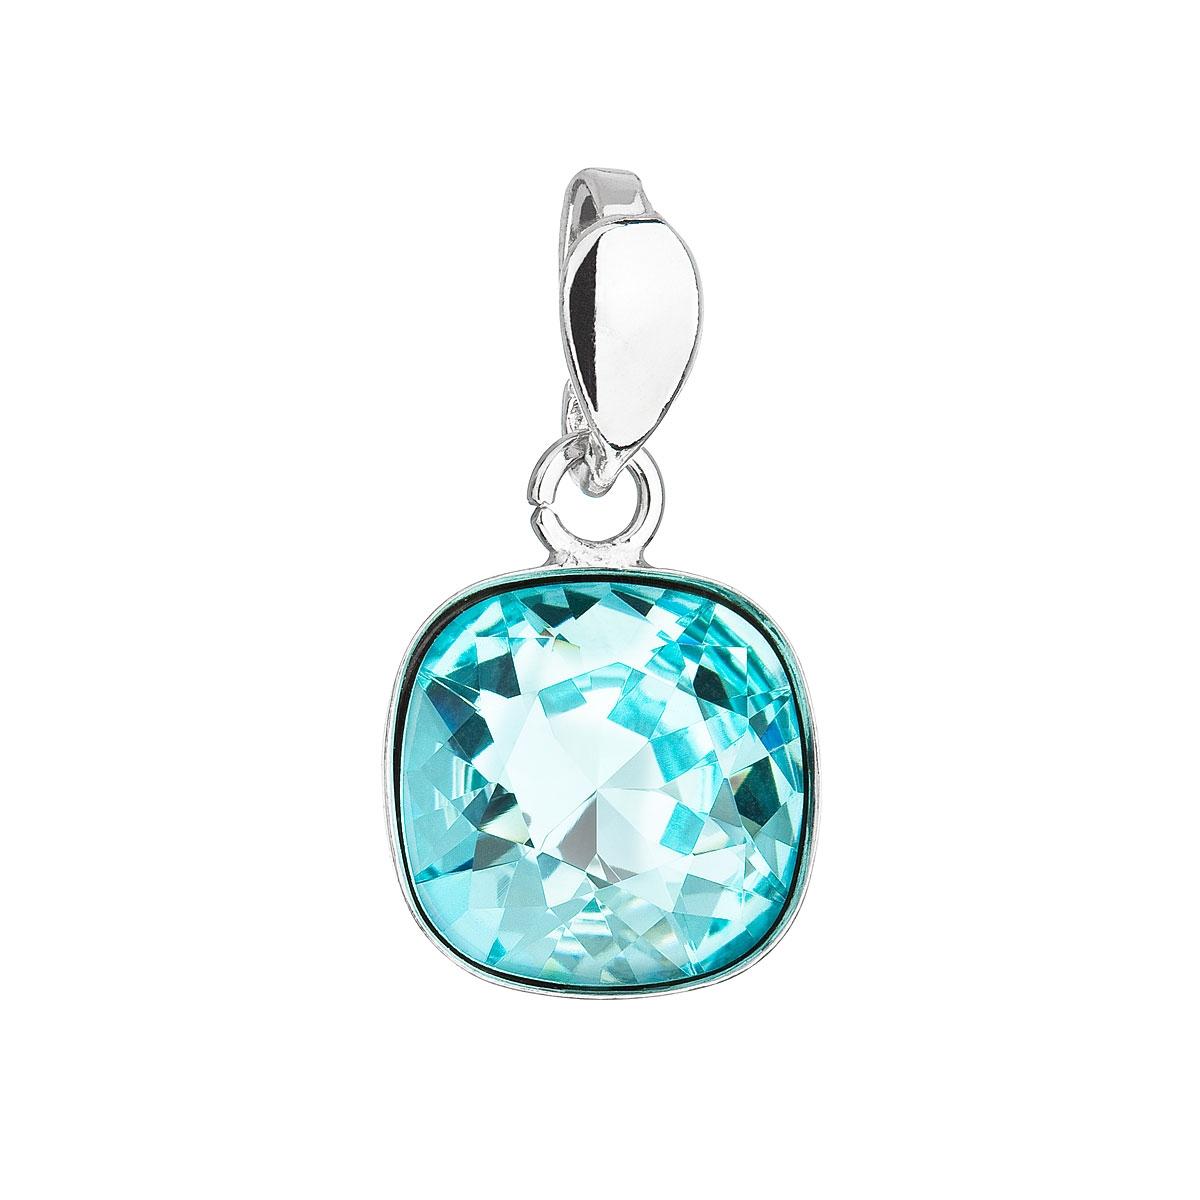 Stříbrný přívěšek Crystals from Swarovski® Light Turquoise